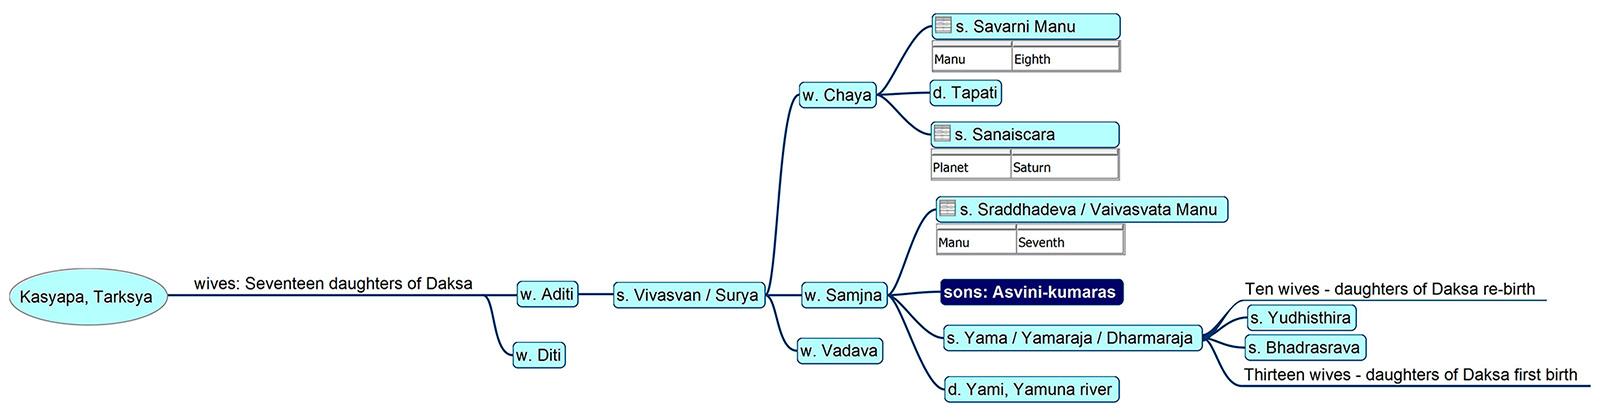 Family tree of Aśvinī-kumāras